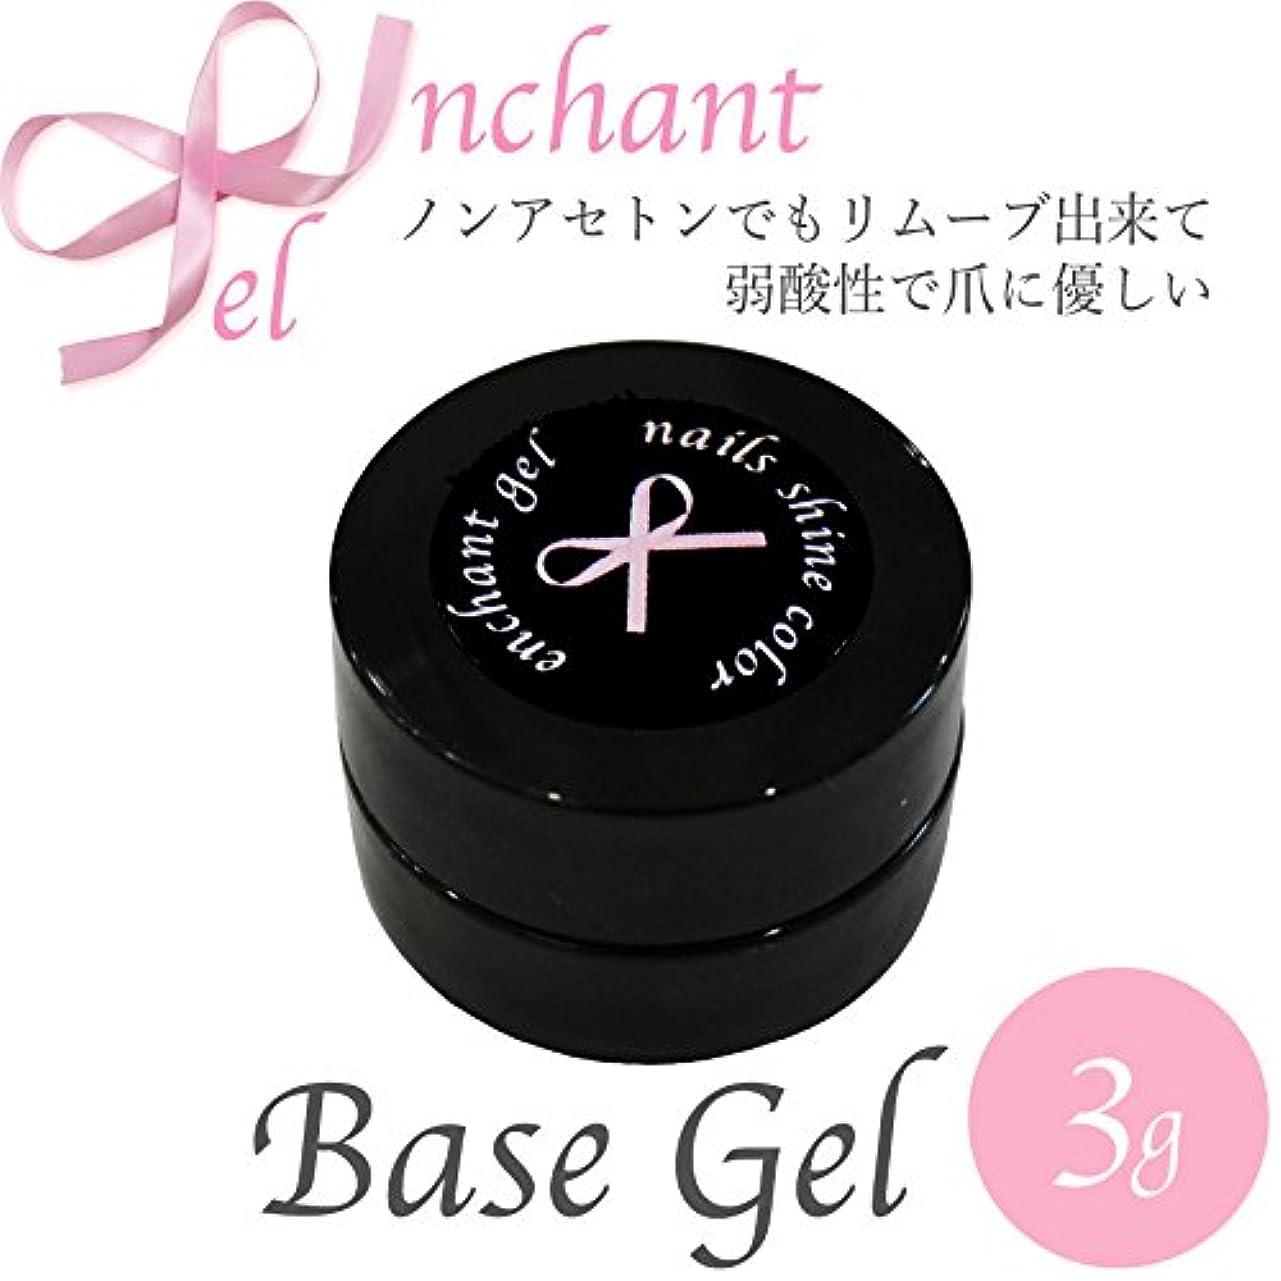 甘やかす俳優闘争enchant gel clear base gel 3g/エンチャントジェル クリアーベースジェル 3グラム